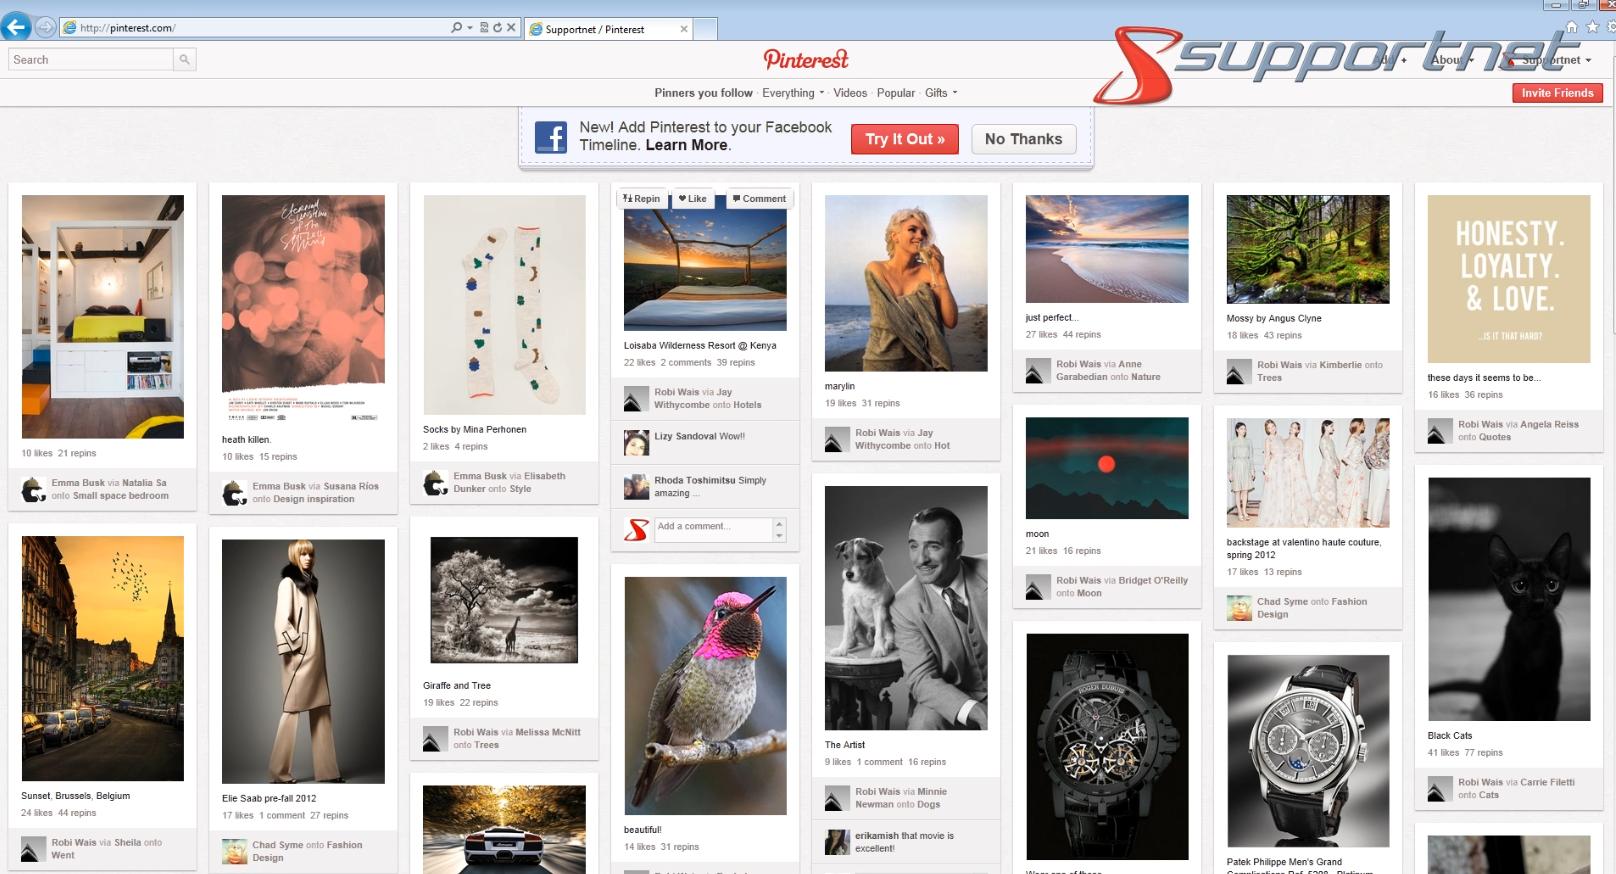 02-Was-ist-Pinterest_Der-neue-Star-unter-den-sozialen-Netzwerken-mit-Video-Ueberblick-470.png?nocache=1328626718437